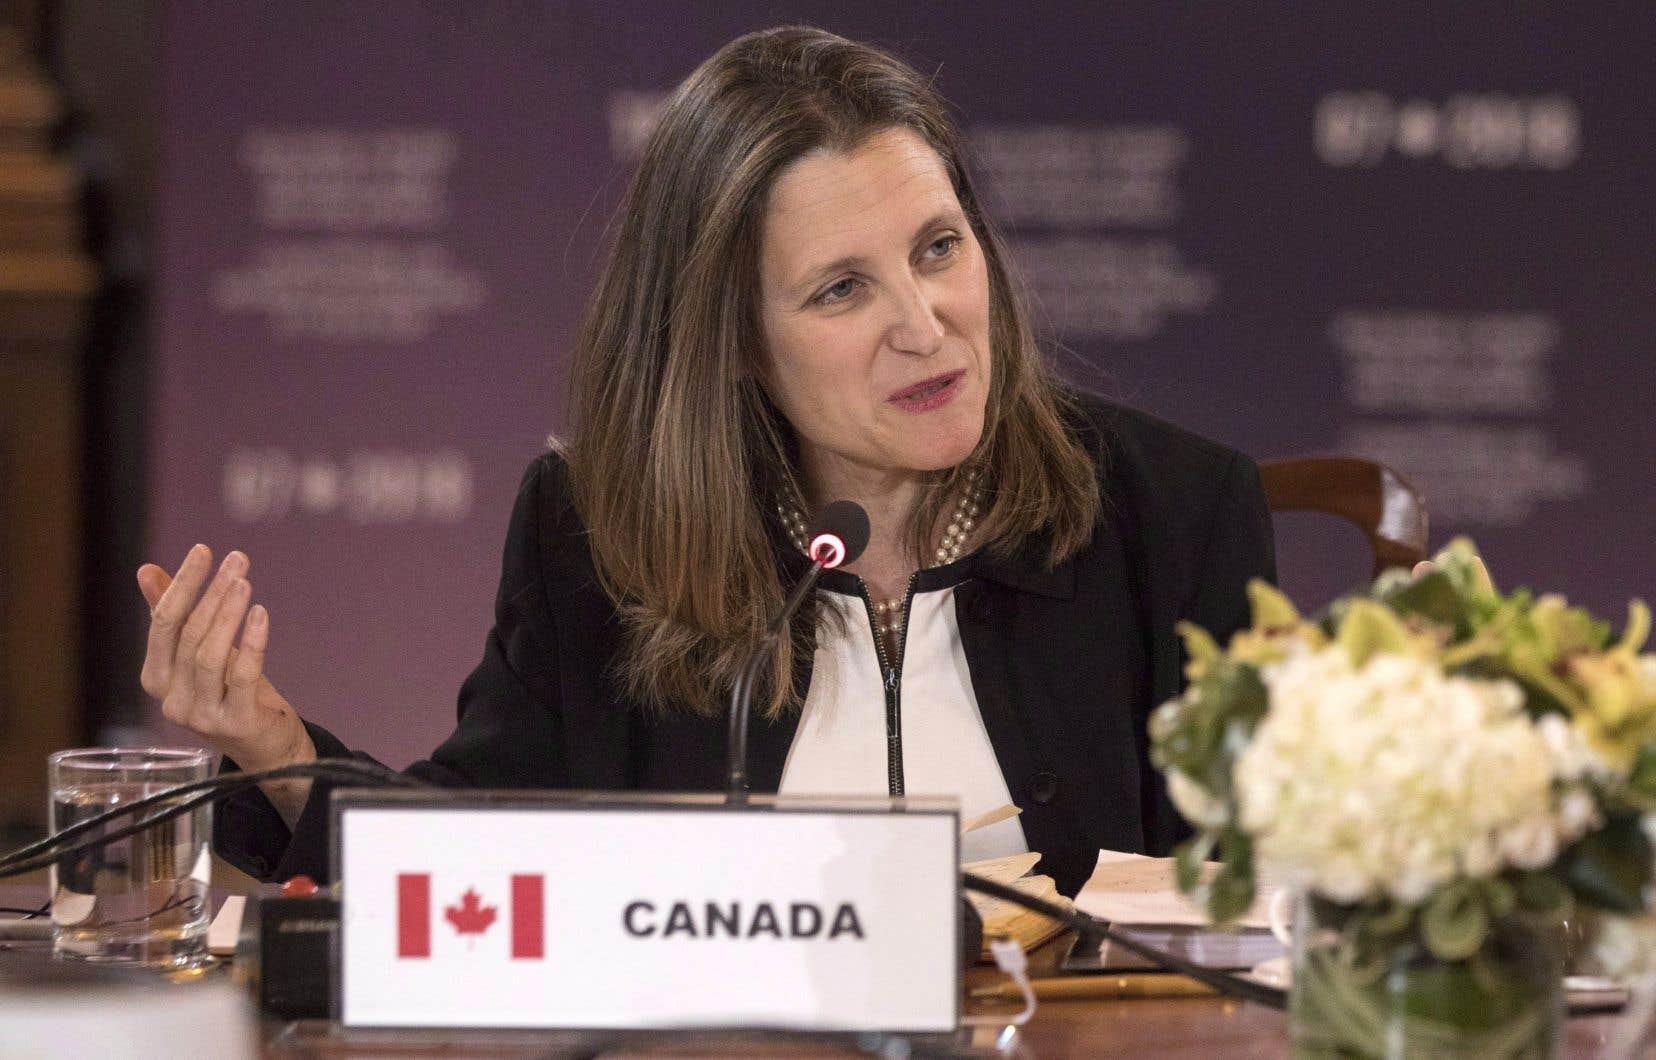 La ministre canadienne des Affaires étrangères, Chrystia Freeland, a comparé la crise des réfugiés rohingyas, forcés de devenir apatrides, à l'Holocauste et au génocide des Tutsis, au Rwanda.